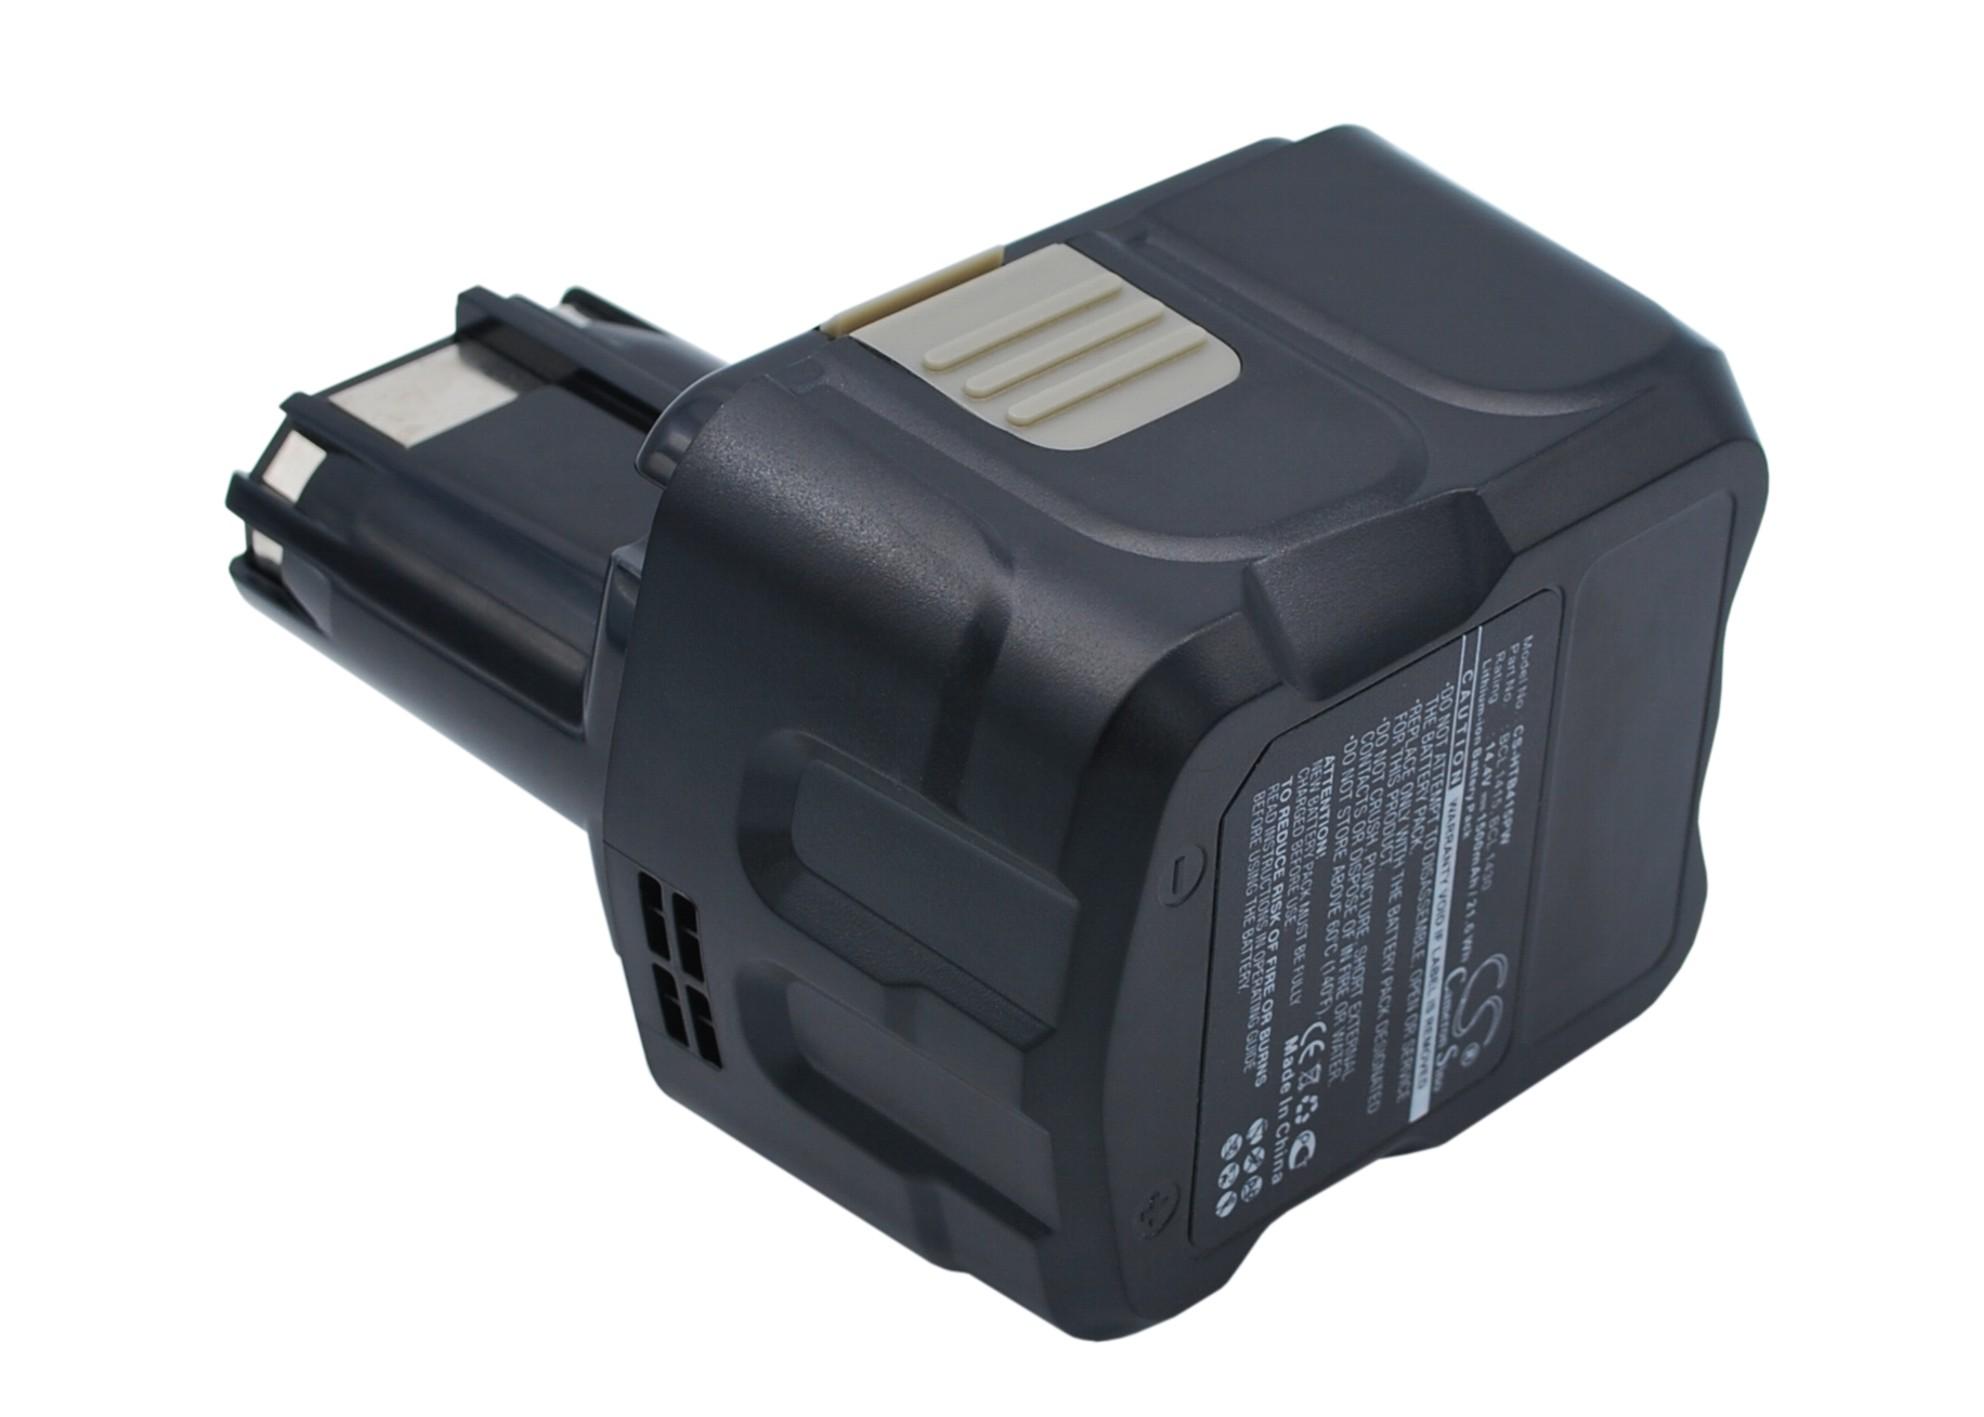 Cameron Sino baterie do nářadí pro HITACHI UB 18DL 14.4V Li-ion 3000mAh černá - neoriginální